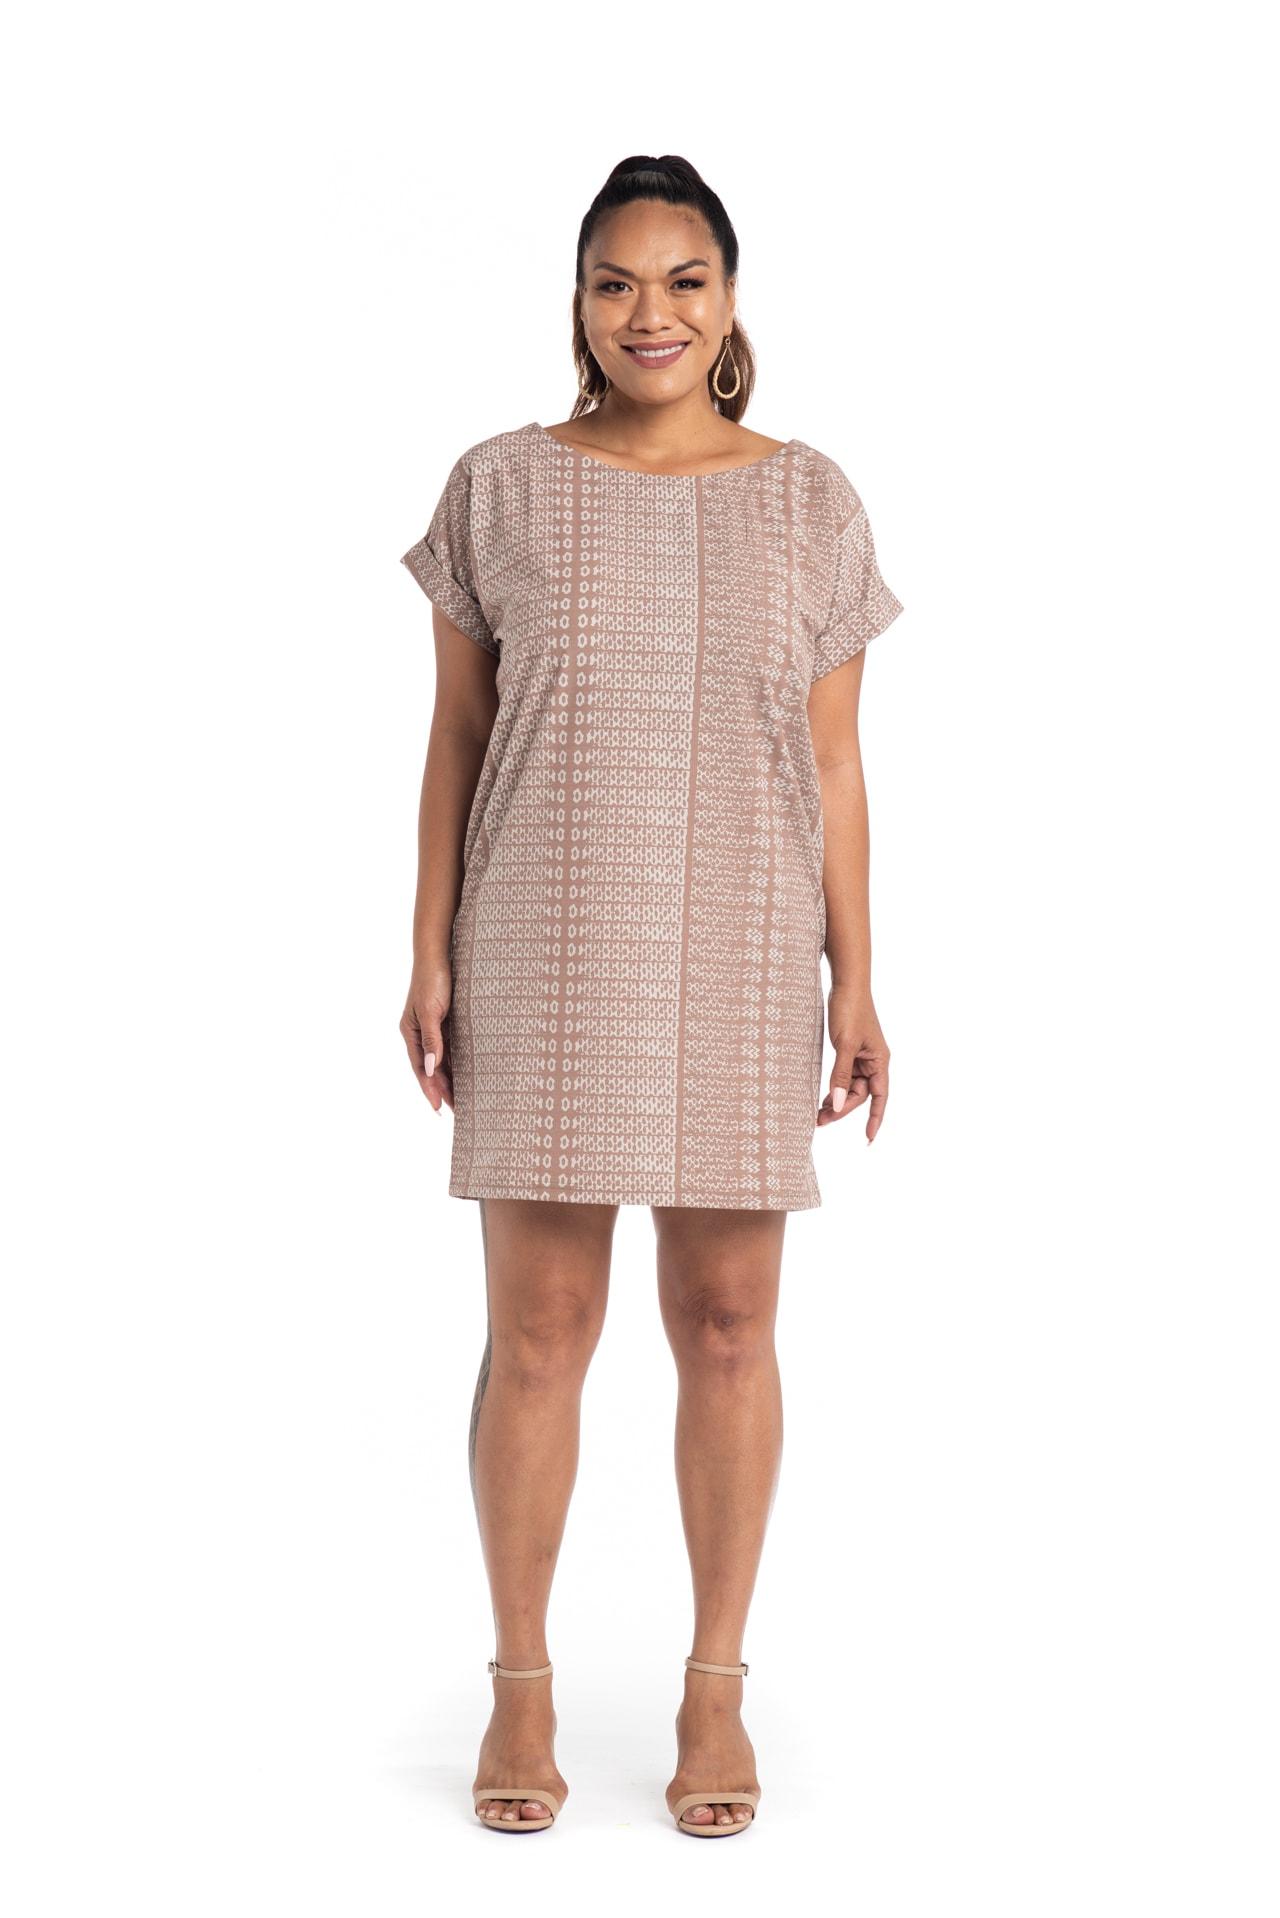 Model wearing Puaniu Shift Dress in Brown AkoaAkoa - Front View